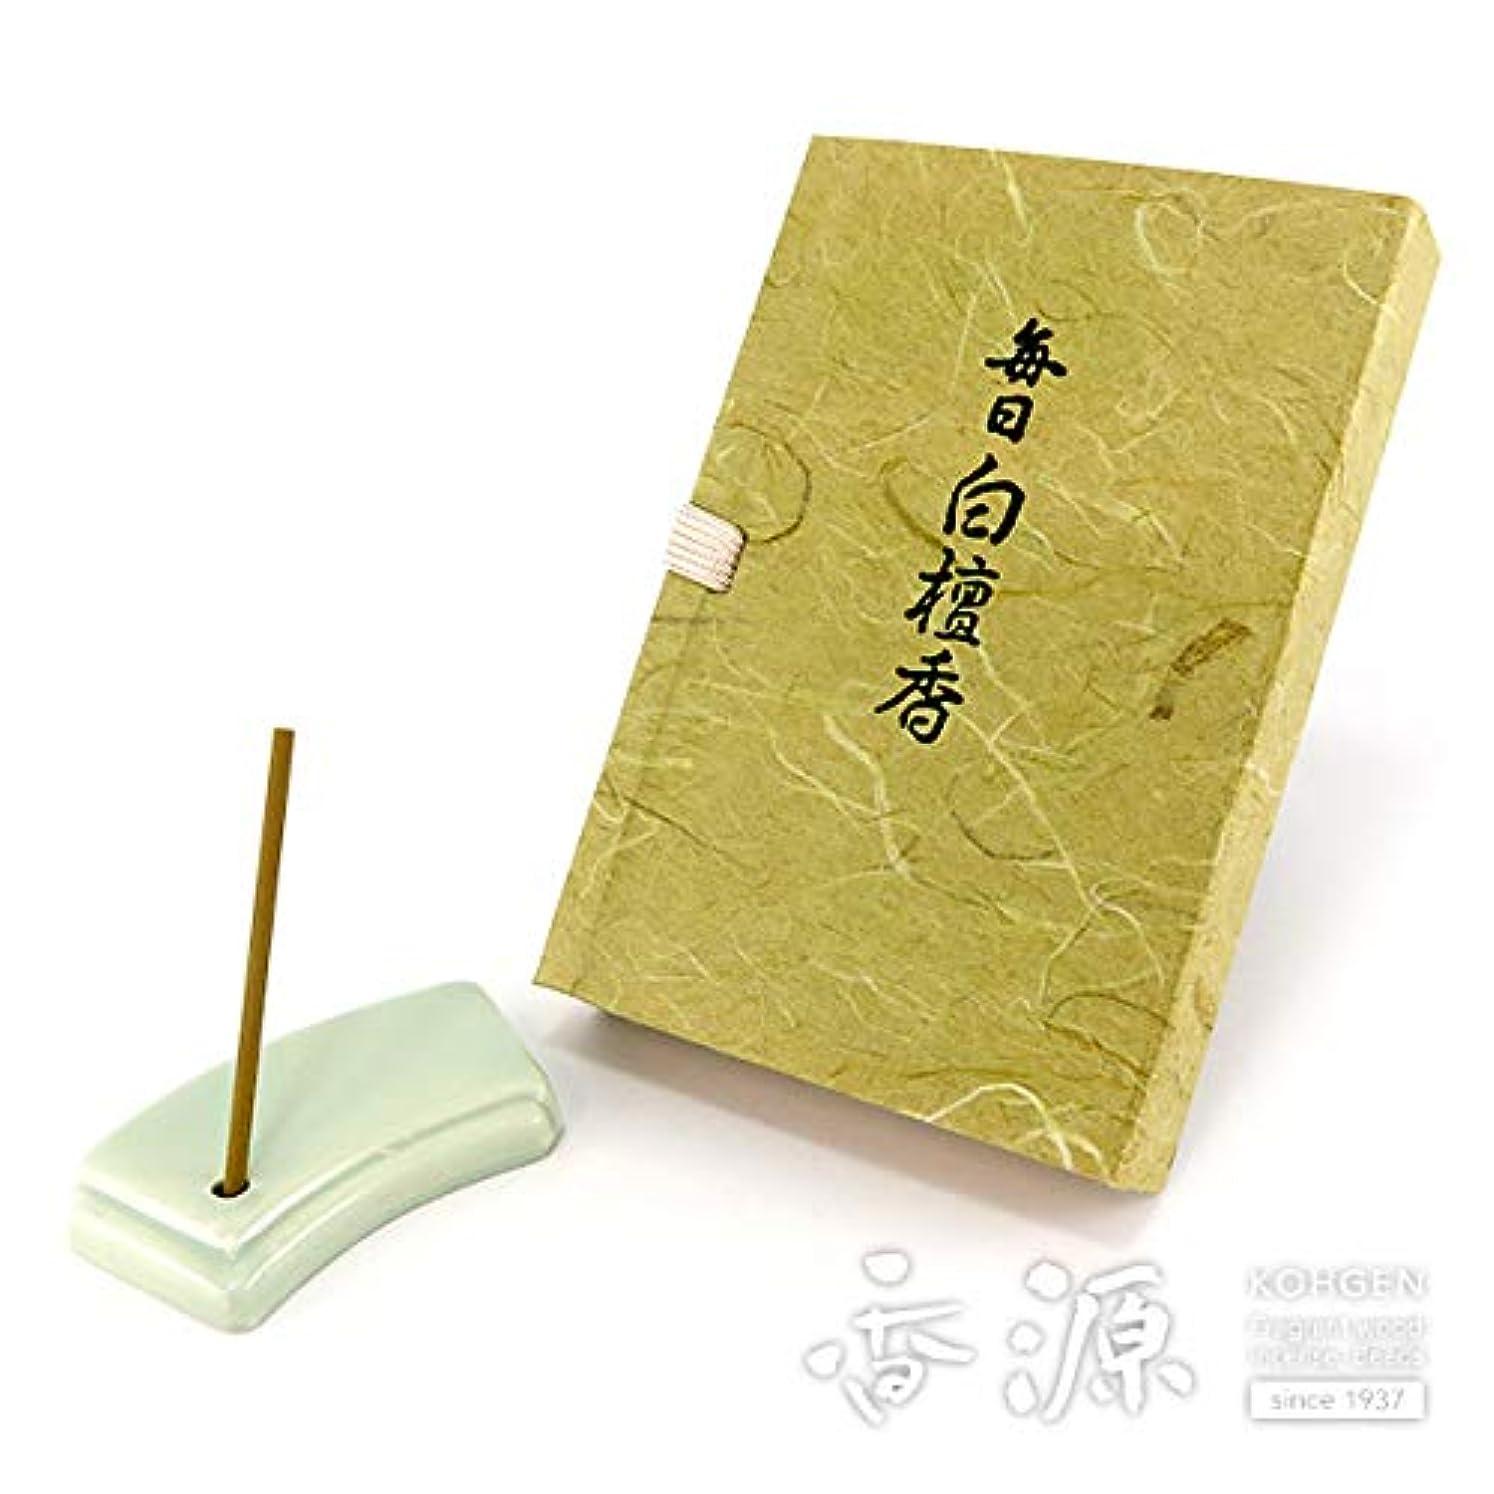 説明三角形通行料金日本香堂のお香 毎日白檀香 スティックミニ寸文庫型60本入り